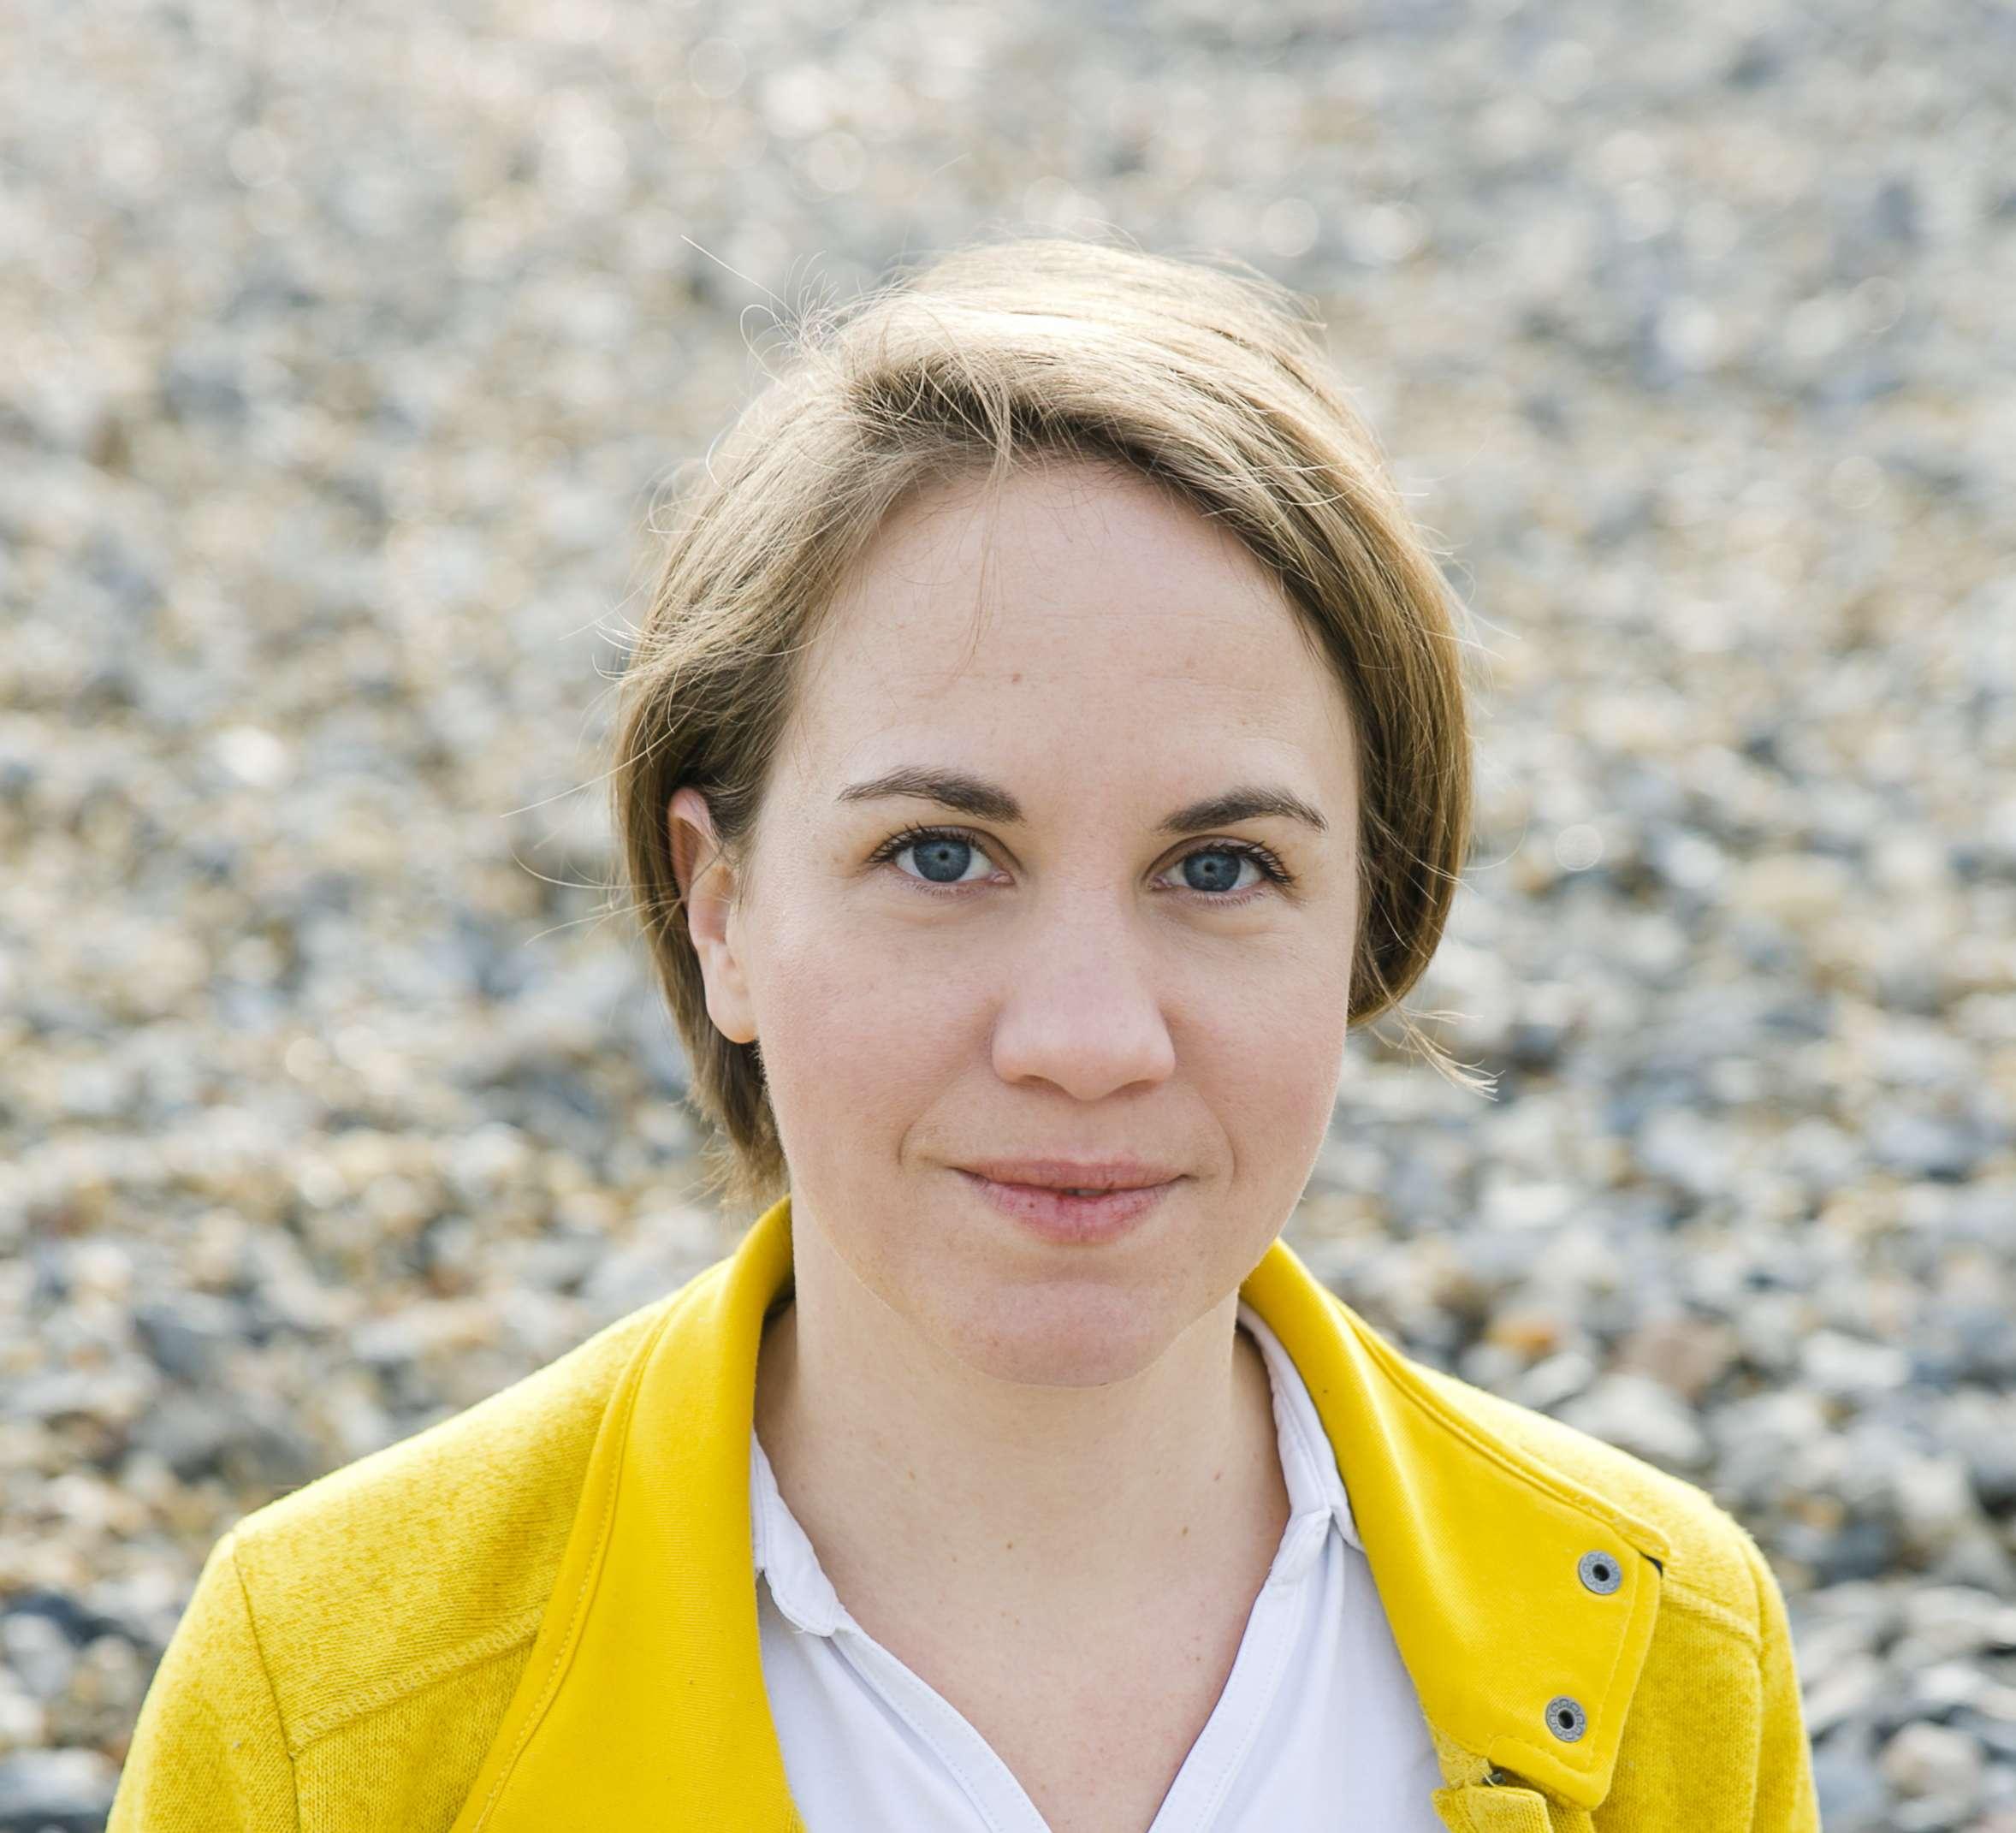 Rota-Therapeutin Julia Gekle